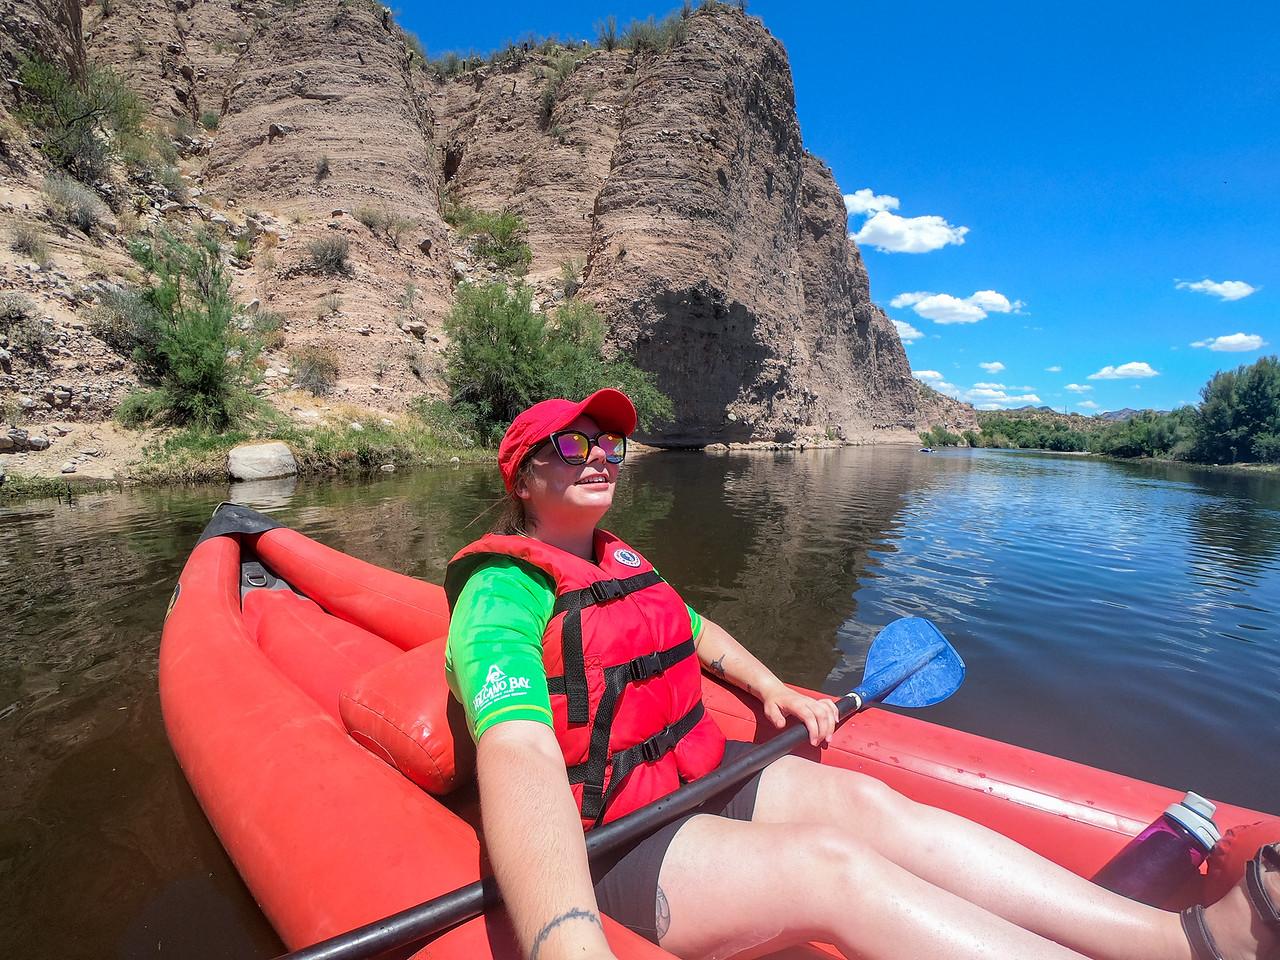 Kayaking the Lower Salt River in Arizona